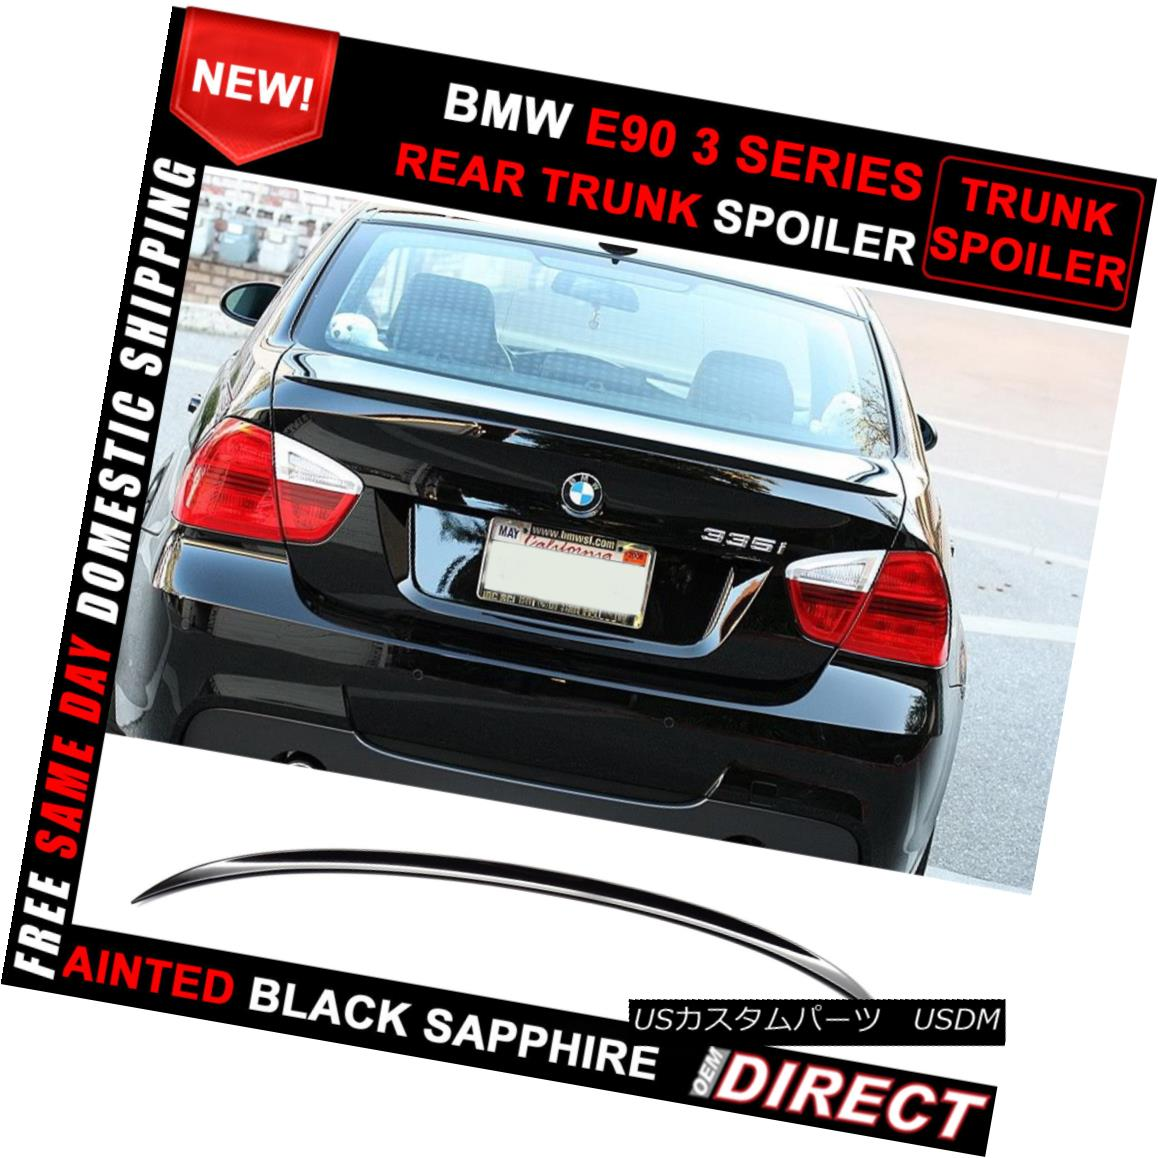 エアロパーツ 06-11 BMW 3-Series E90 M3 Style Color Code #475 Painted Trunk Spoiler 06-11 BMW 3シリーズE90 M3スタイルカラーコード#475塗装トランクスポイラー